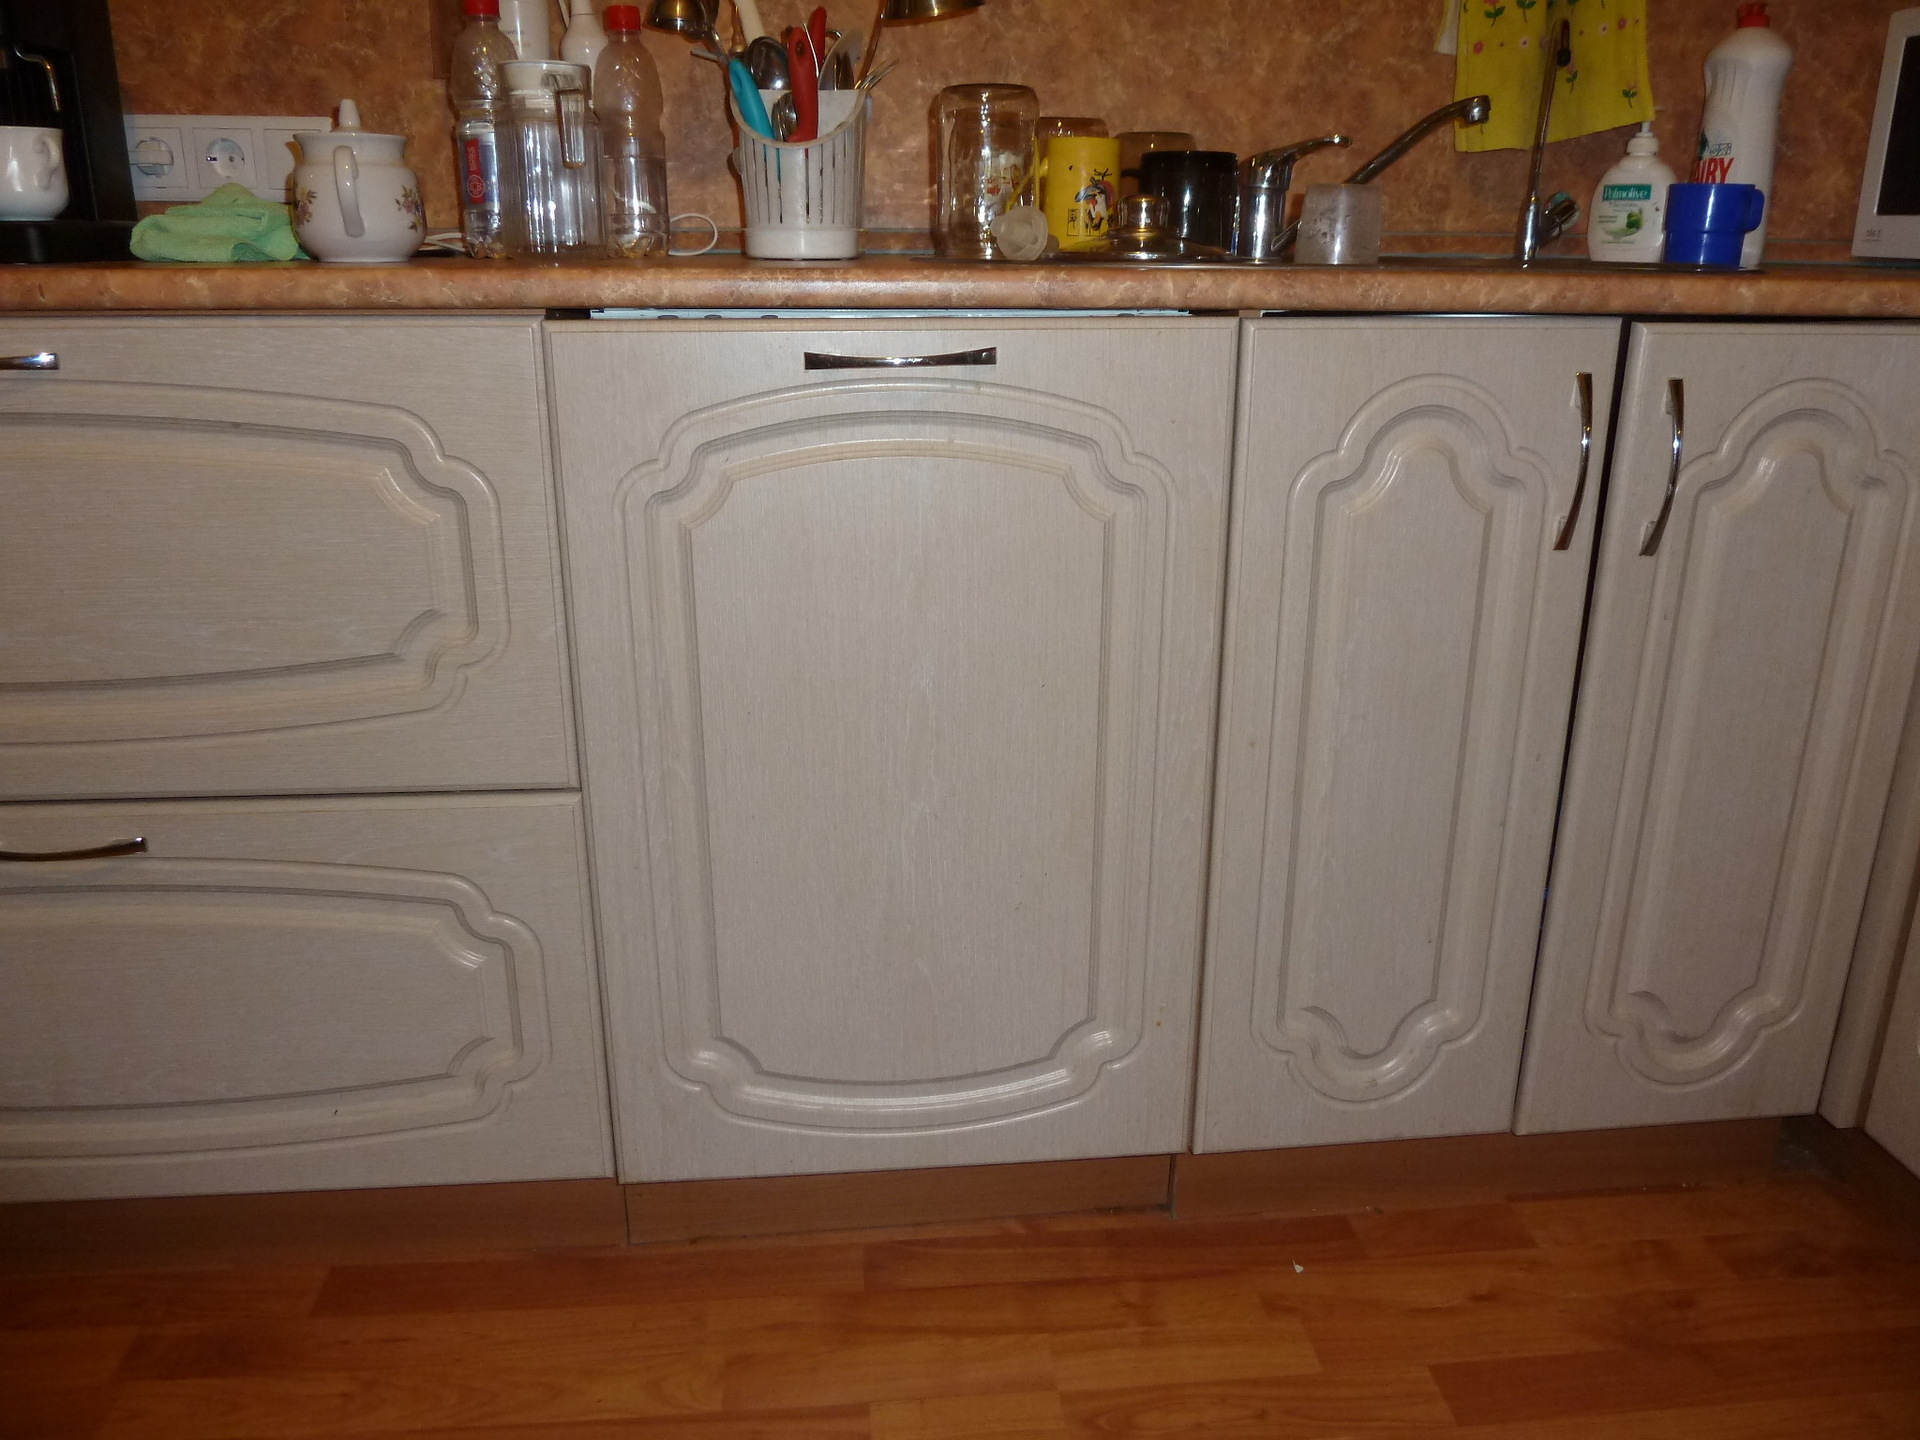 инструкция по эксплуатации посудомоечной машины bosch встроенной